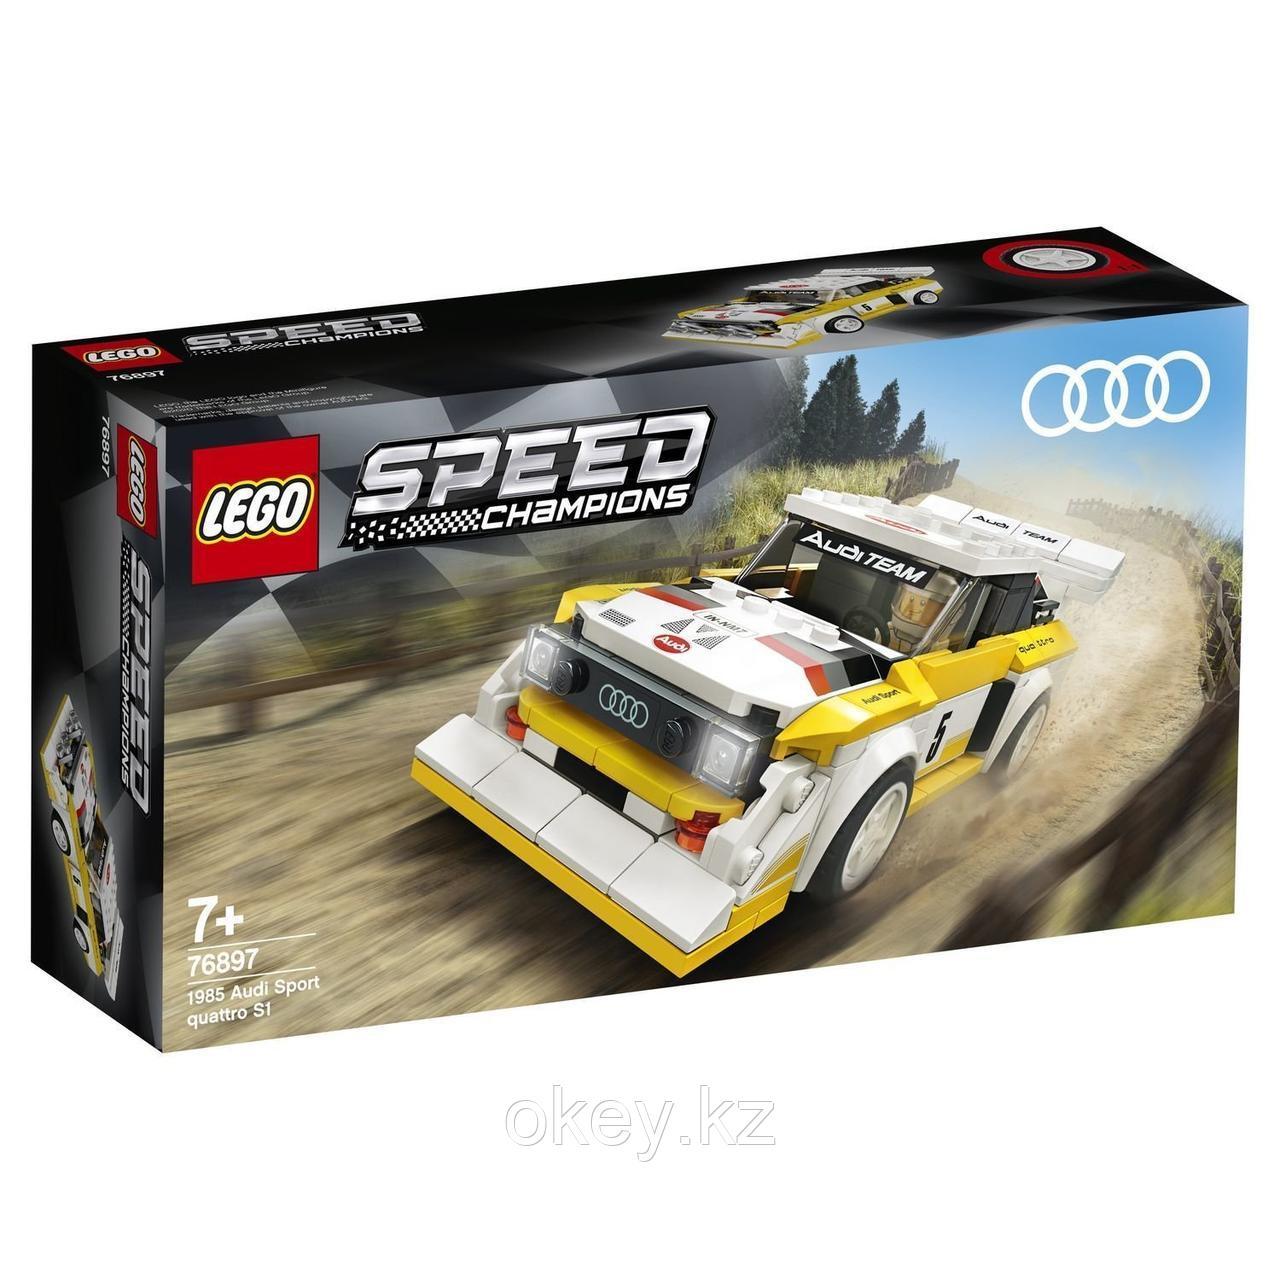 LEGO Speed Champions: 1985 Audi Sport quattro S1 76897